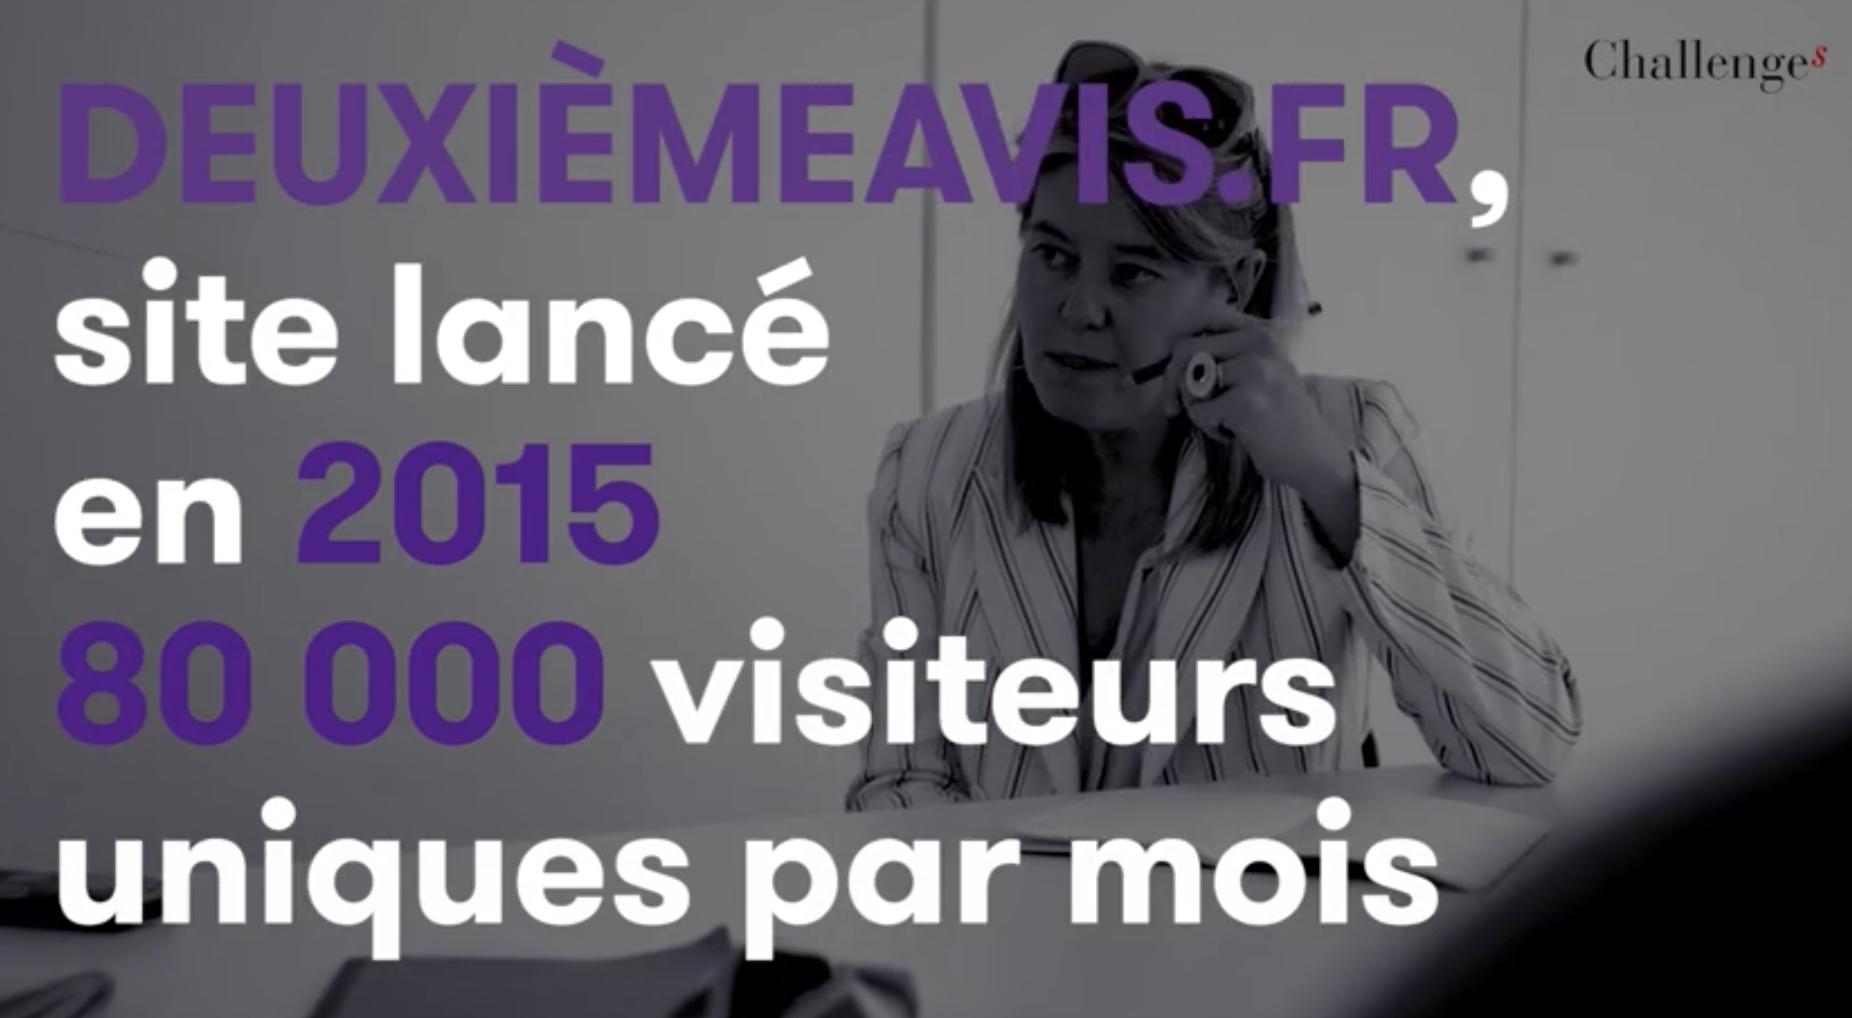 Notre participation Deuxièmeavis.fr dans Challenges